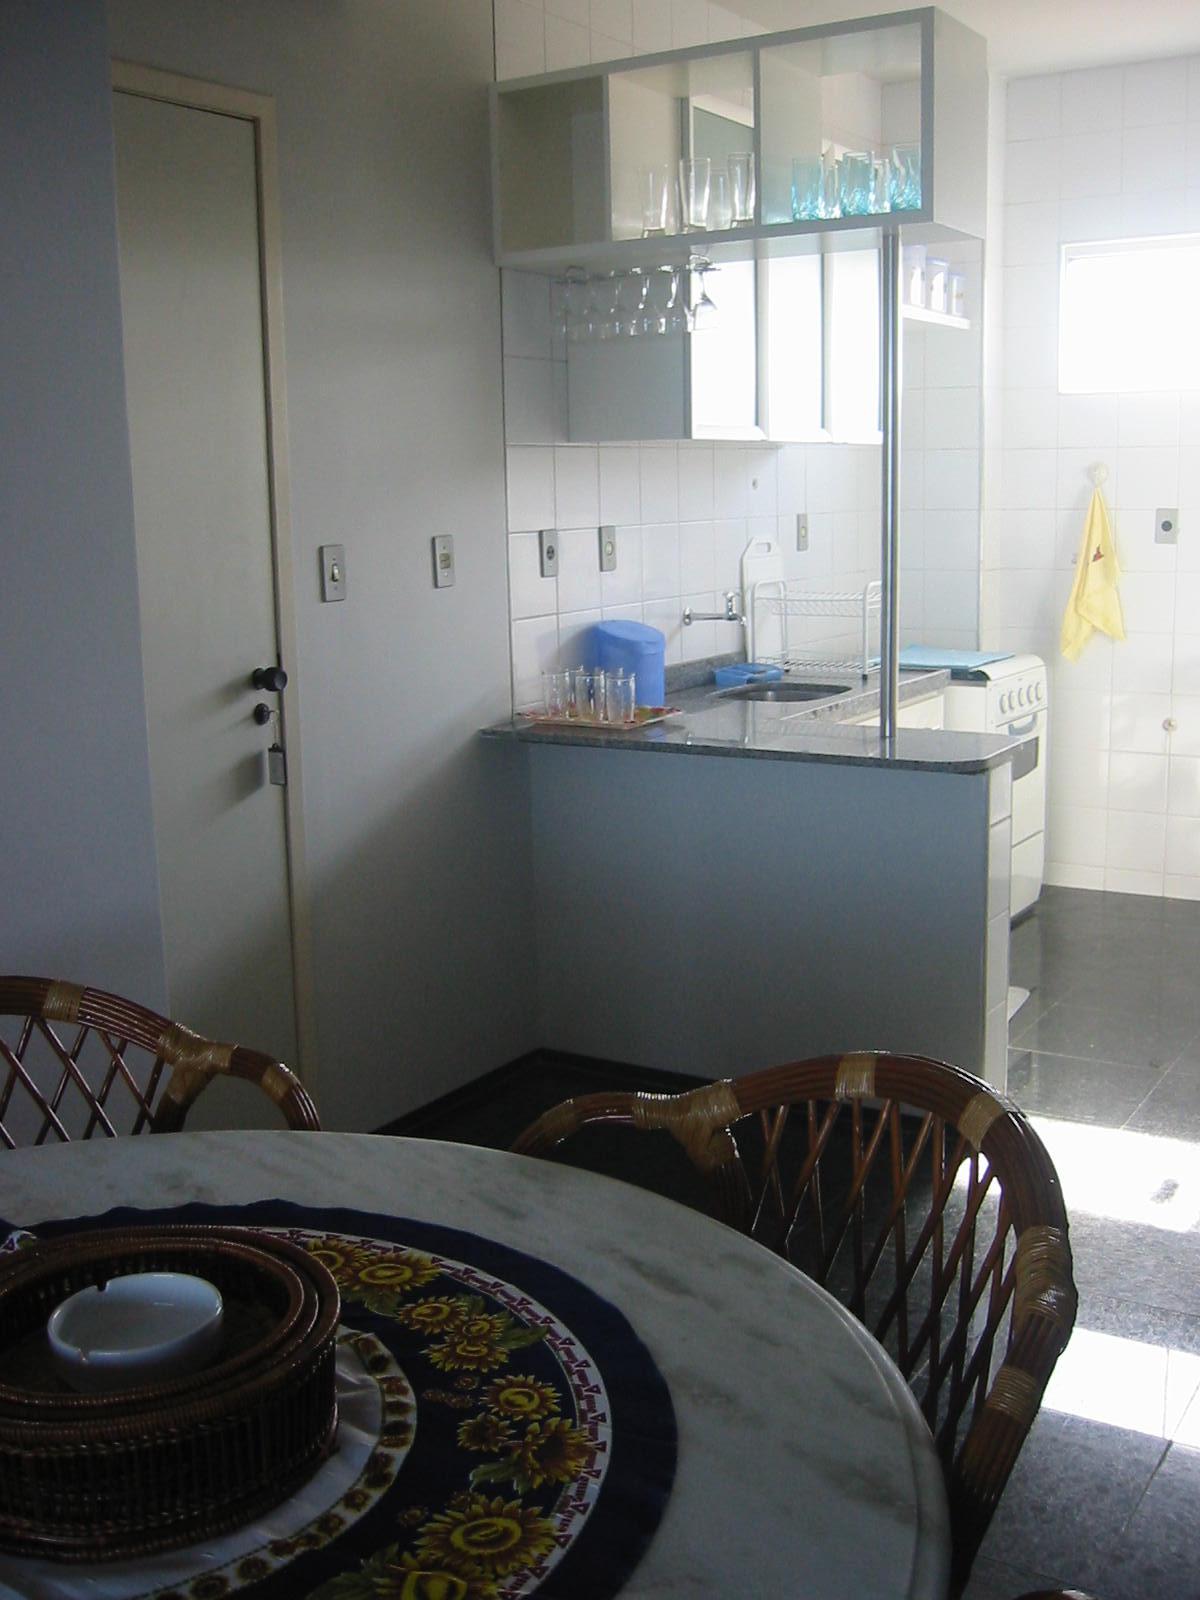 Fortaleza Brasilien Appartment Van Piaget